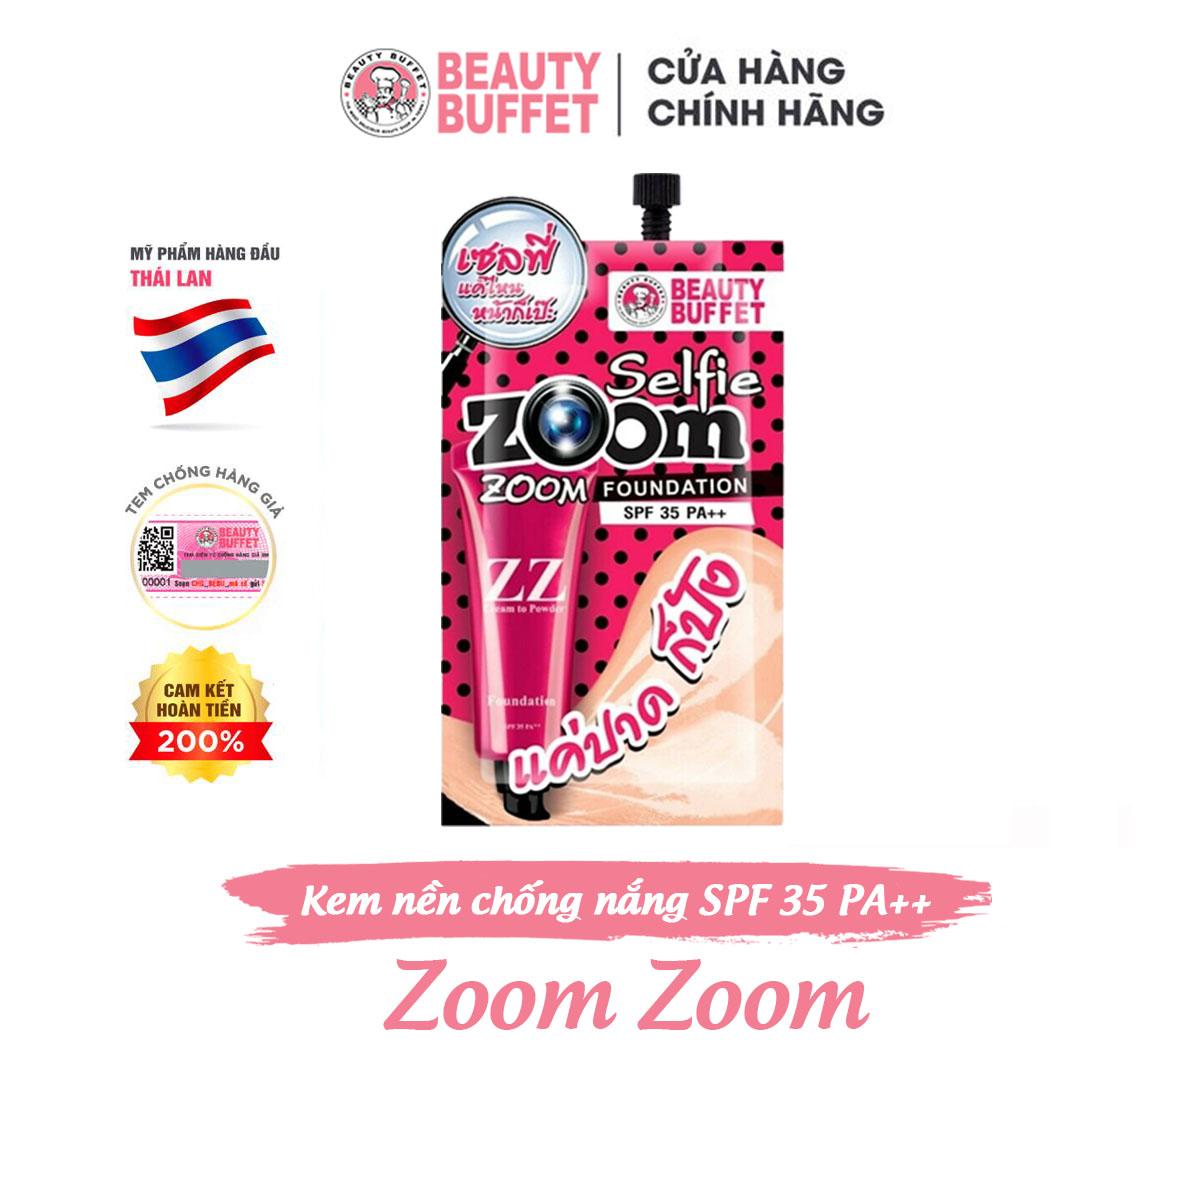 Kem nền Beauty Buffet Zoom Zoom SPF 35 PA++ gói 7g